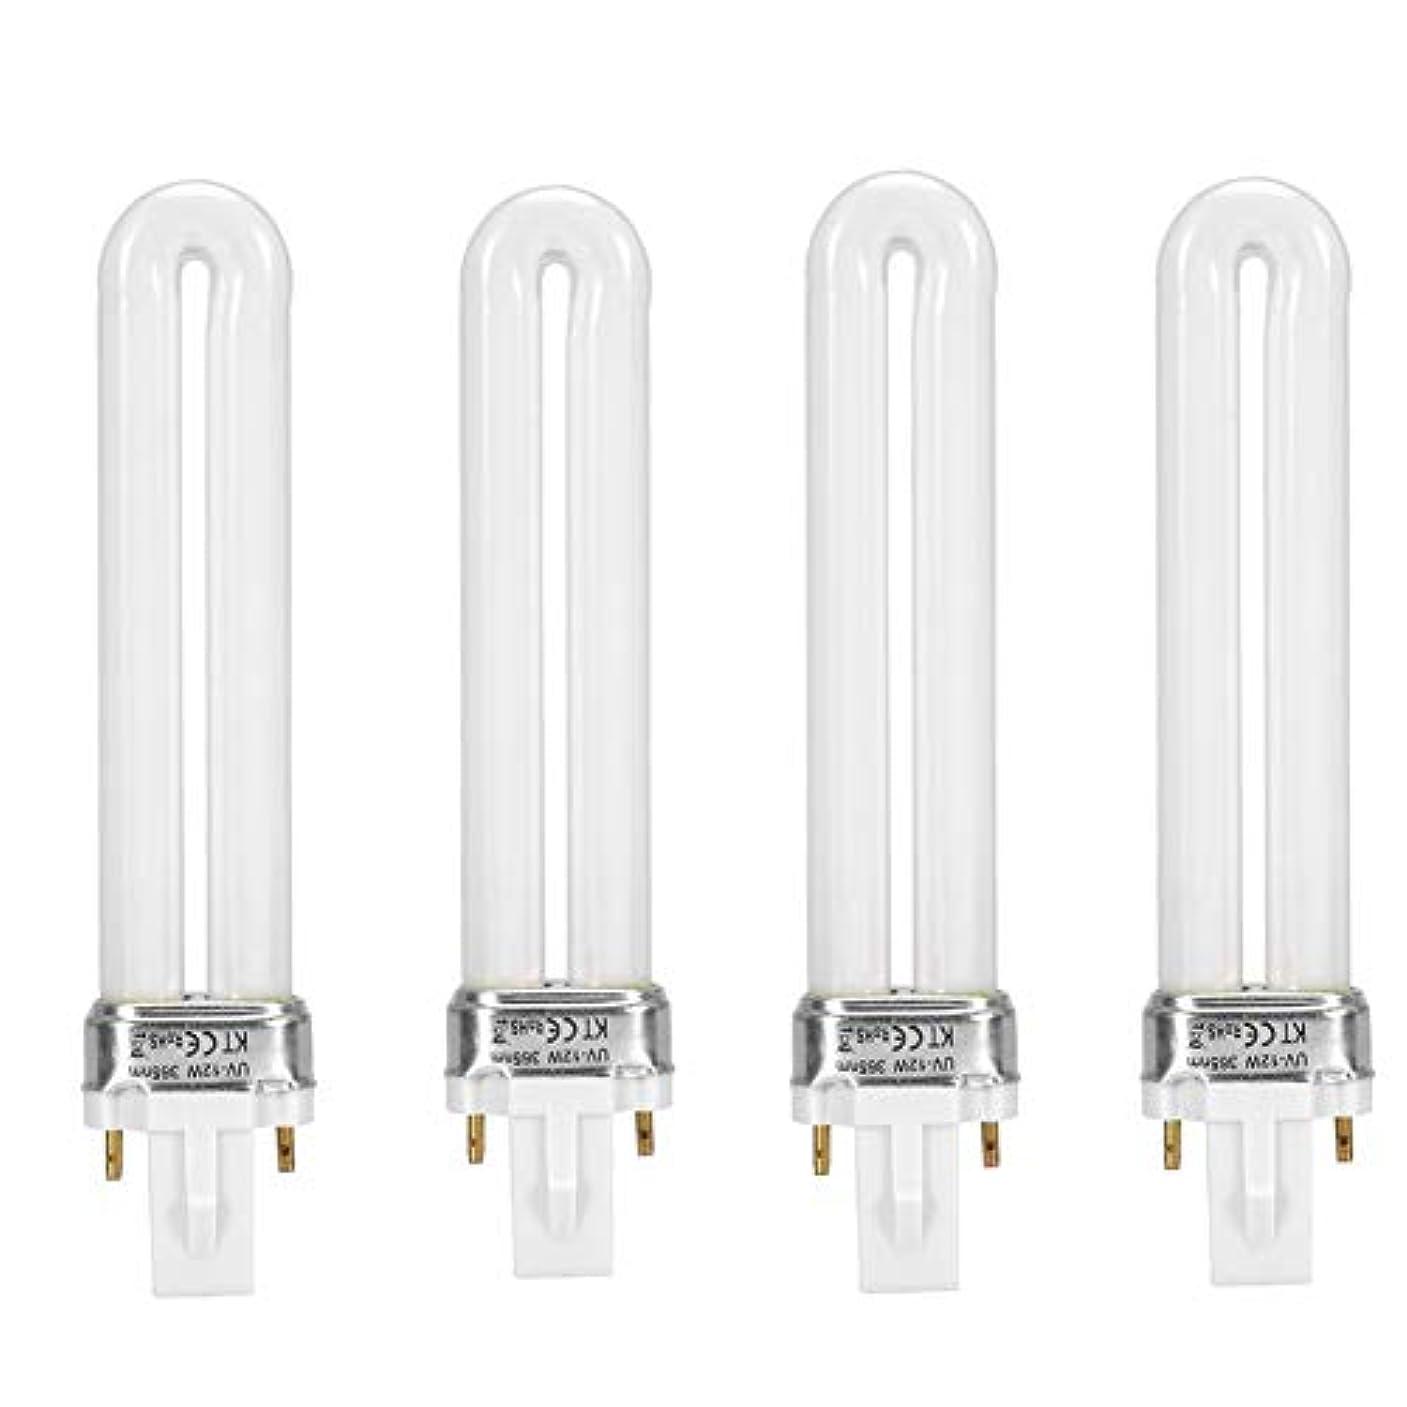 子犬倫理的革命UVライト 交換用電球 UVランプ 4本セット